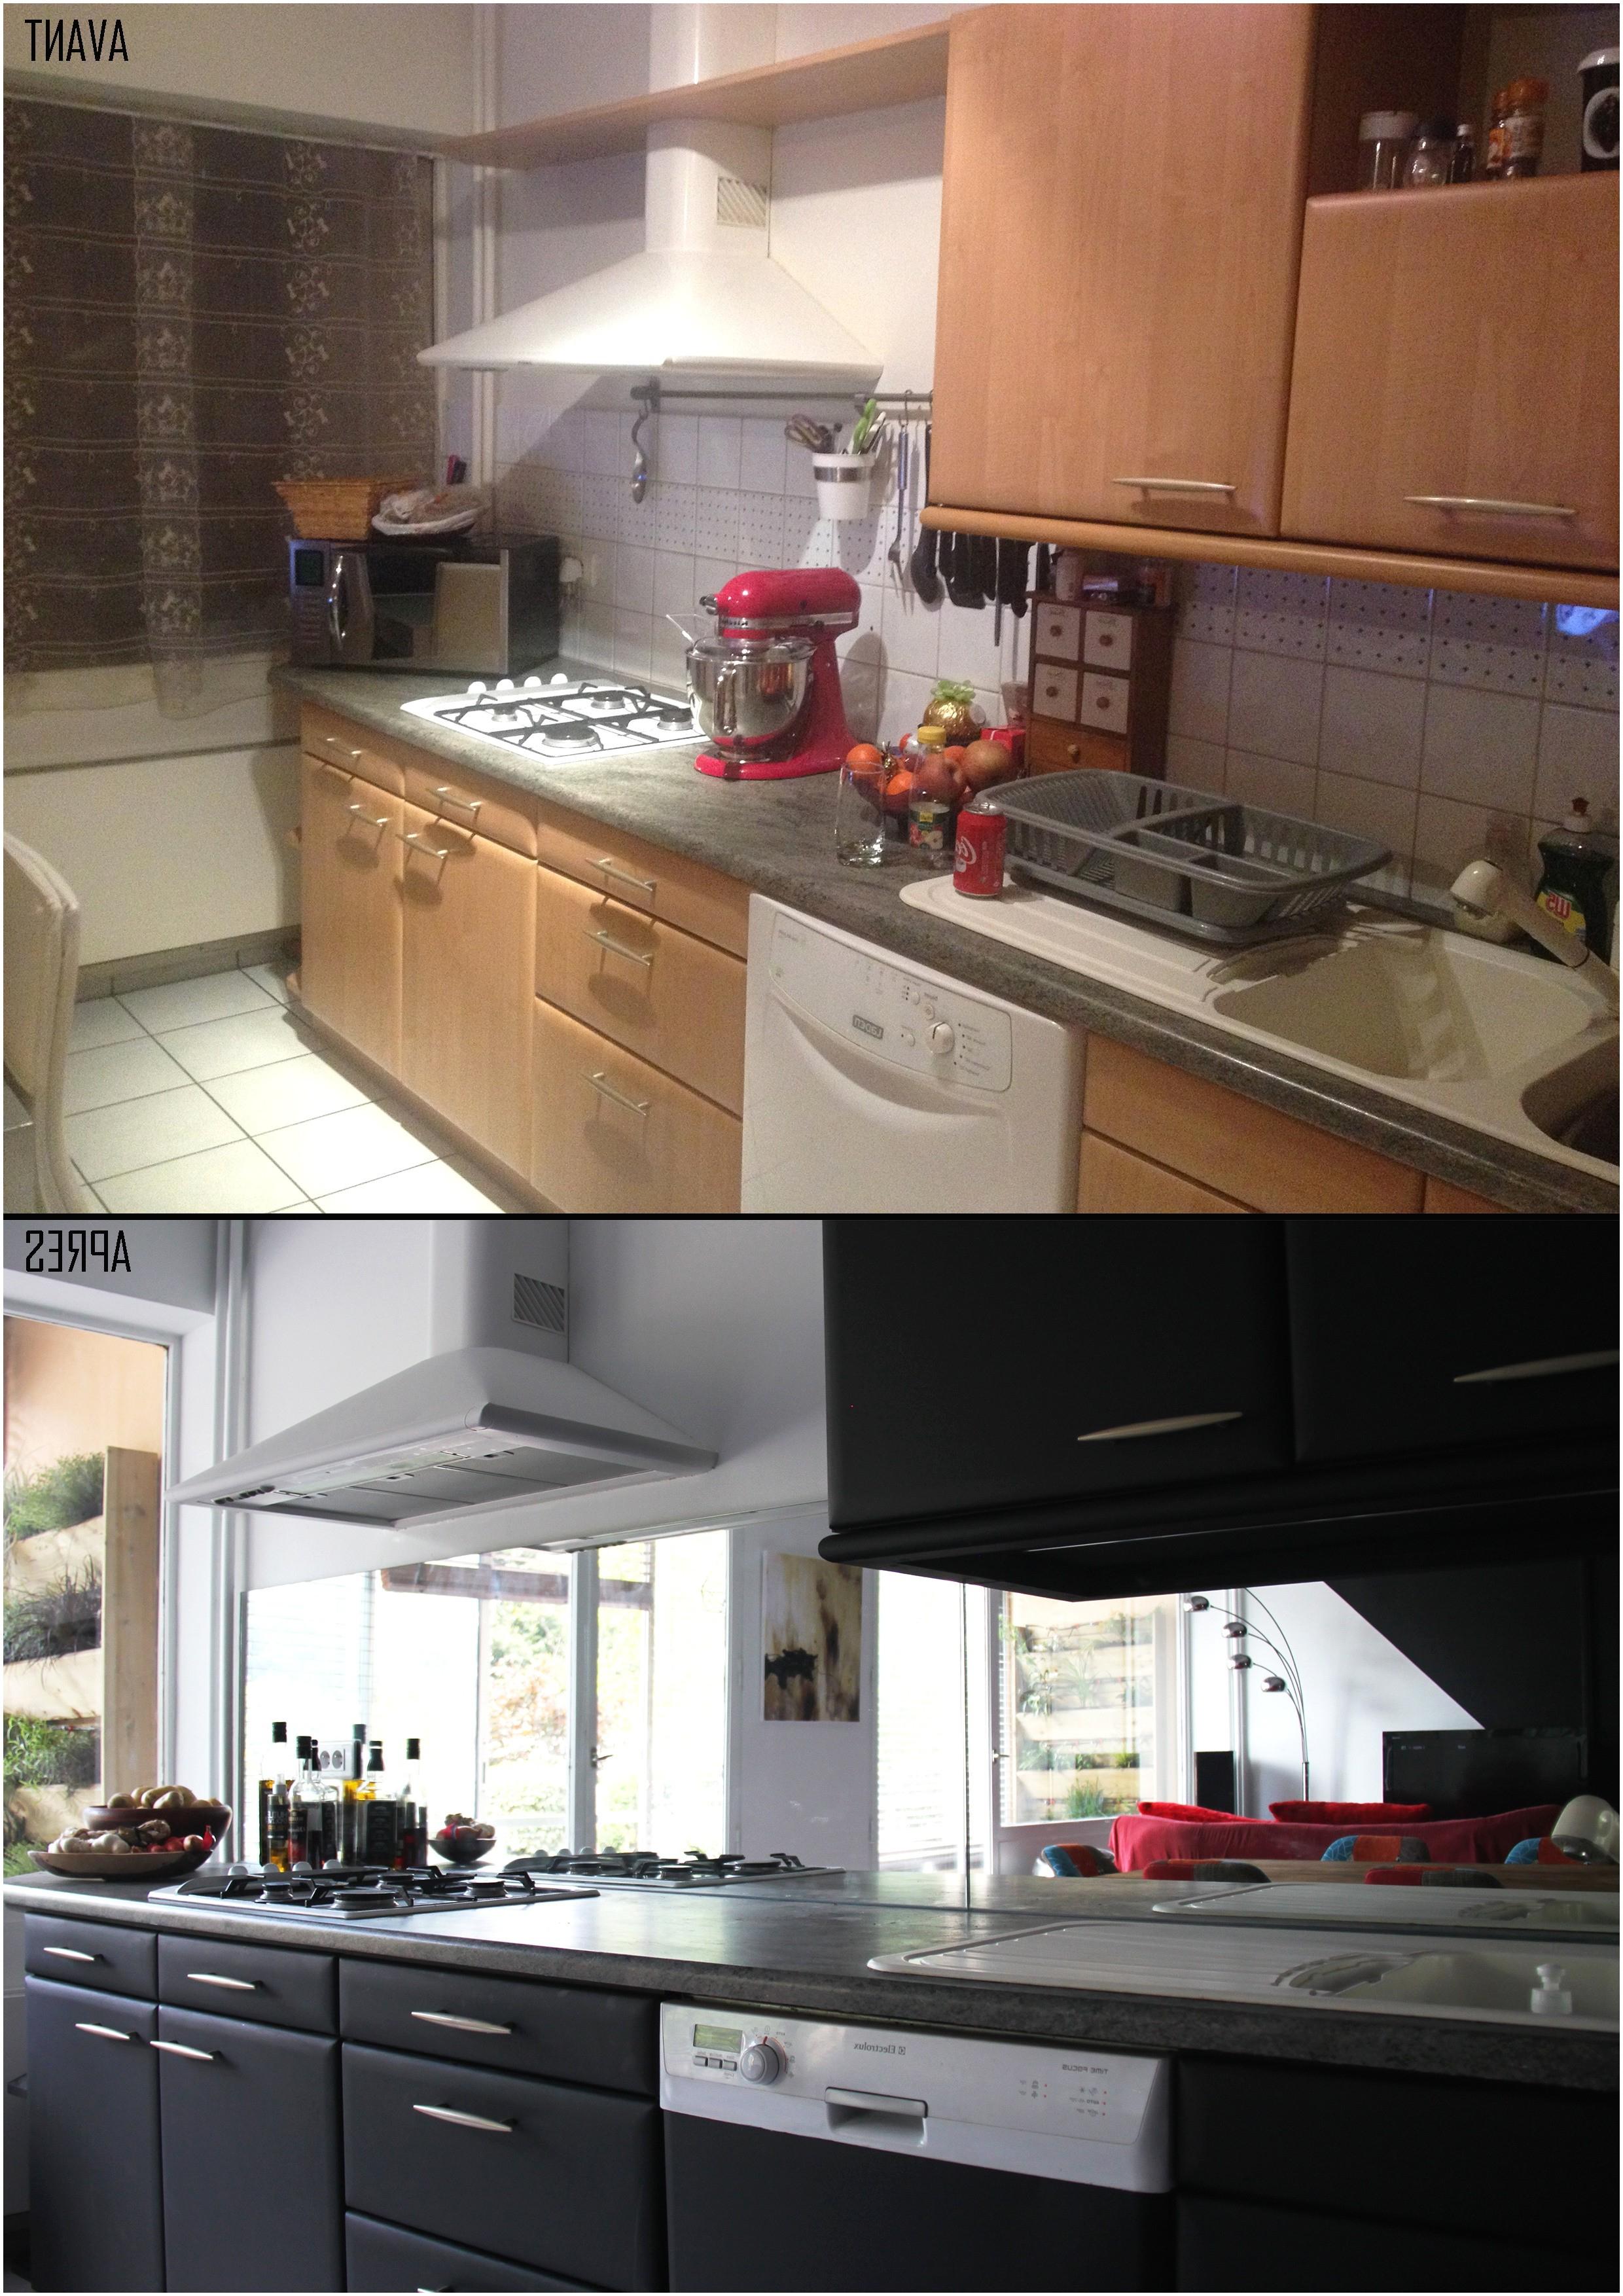 Castorama Plan De Travail Cuisine Élégant Photos 24 Beau Meuble Cuisine Castorama Intérieur De La Maison